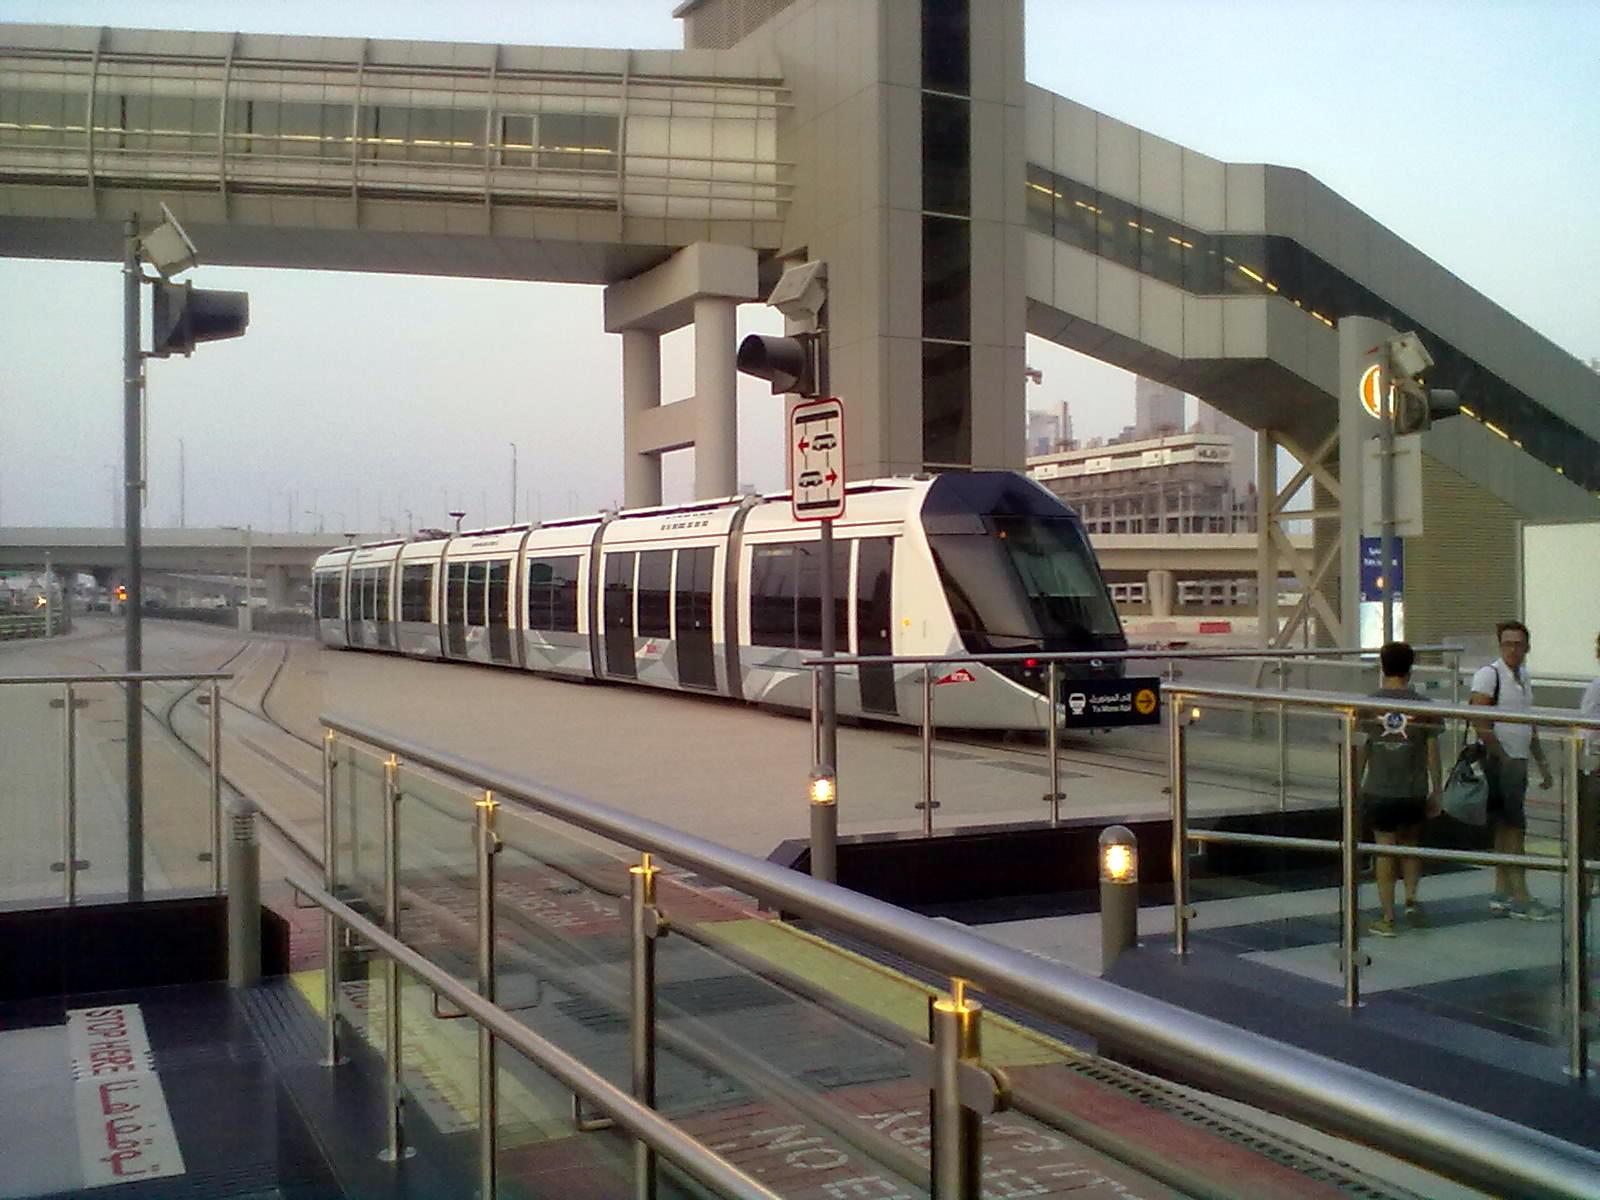 villamos - Dubaj tömegközlekedése folyamatosan fejlődik, itt volt először metró, villamos, és városi buszközlekedés az Arab-félszigeten, és most már monorail is működik